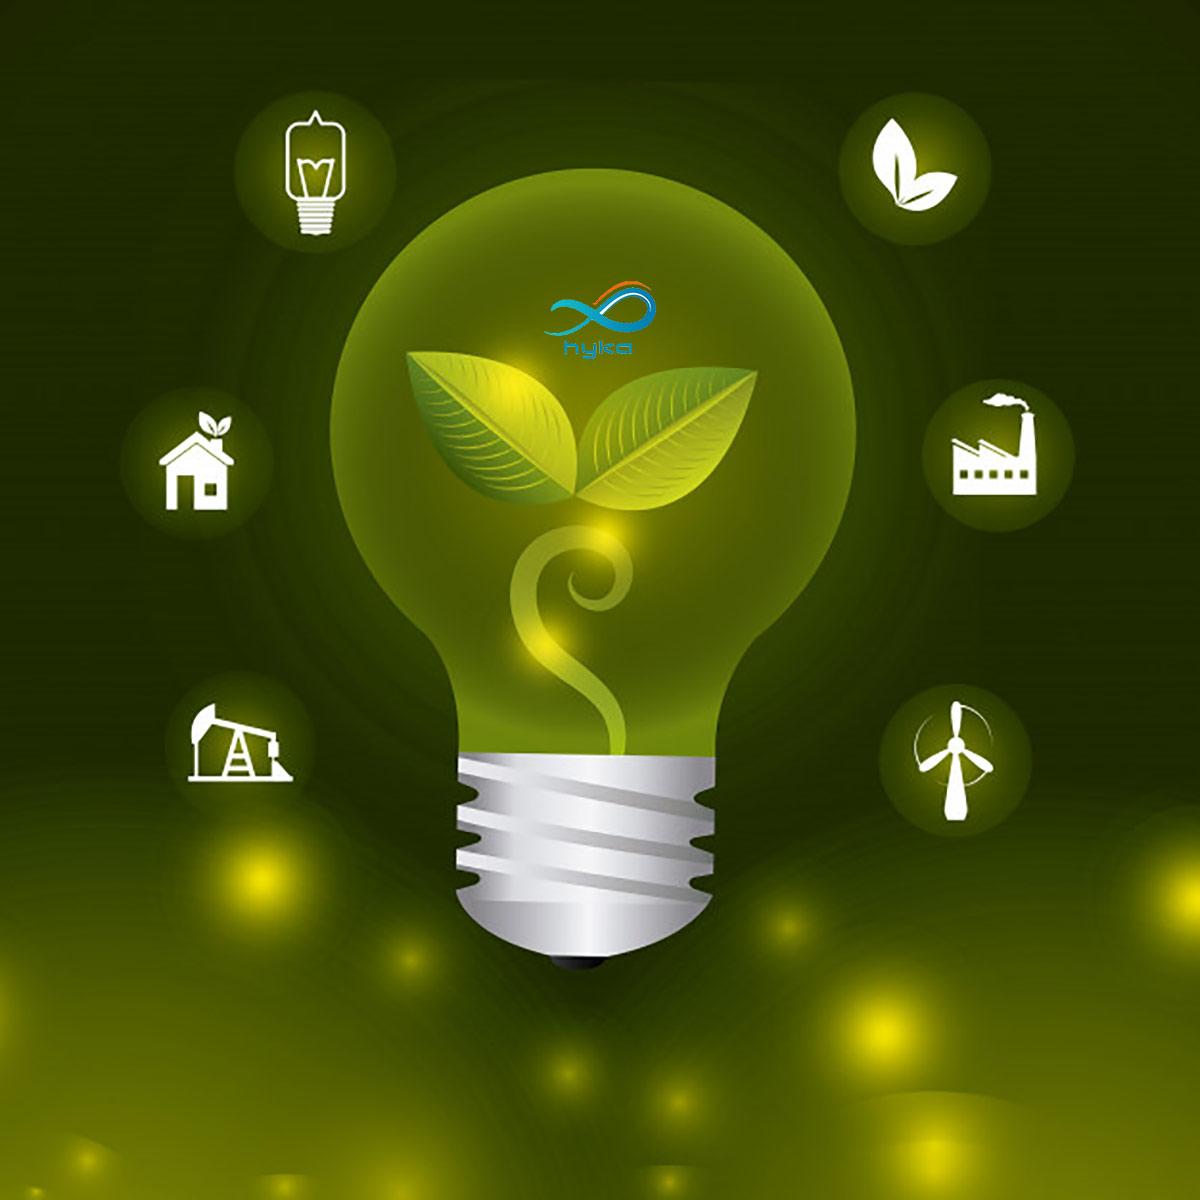 بهینه سازی مصرف انرژی با هوشمند سازی